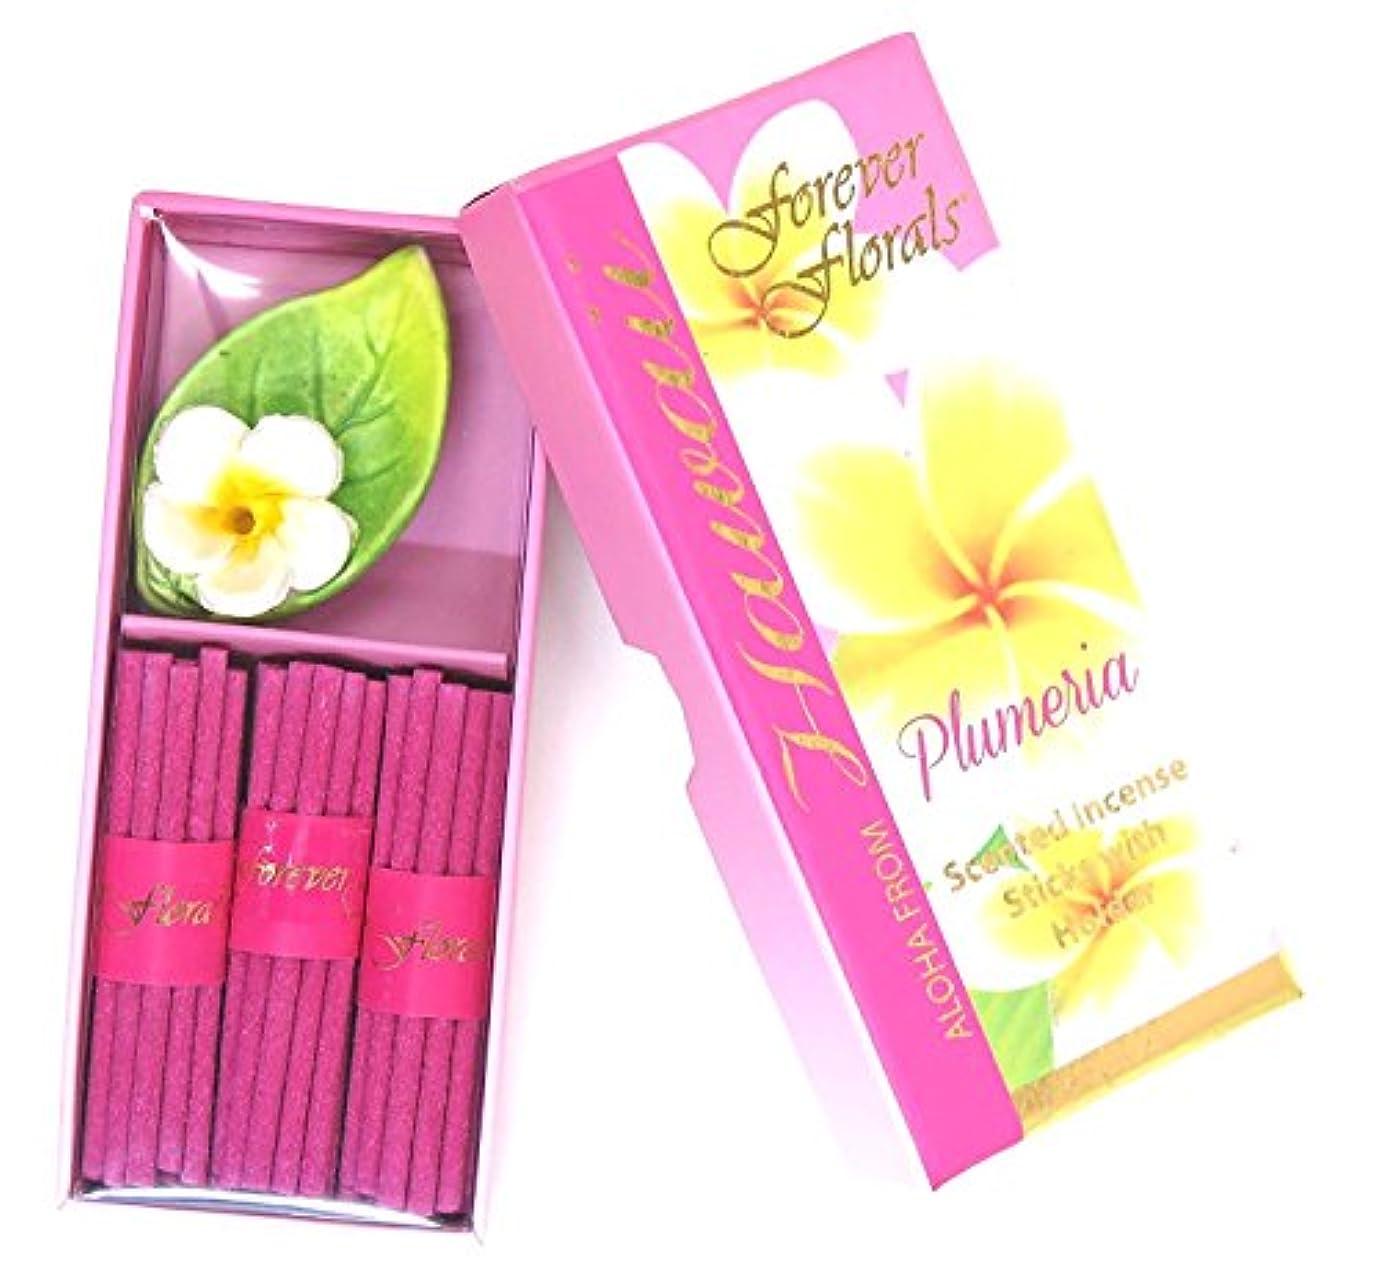 それら追う作りハワイアン雑貨 ハワイ雑貨/Forever Florals ミニインセンスボックス お香 プルメリア 【お土産】